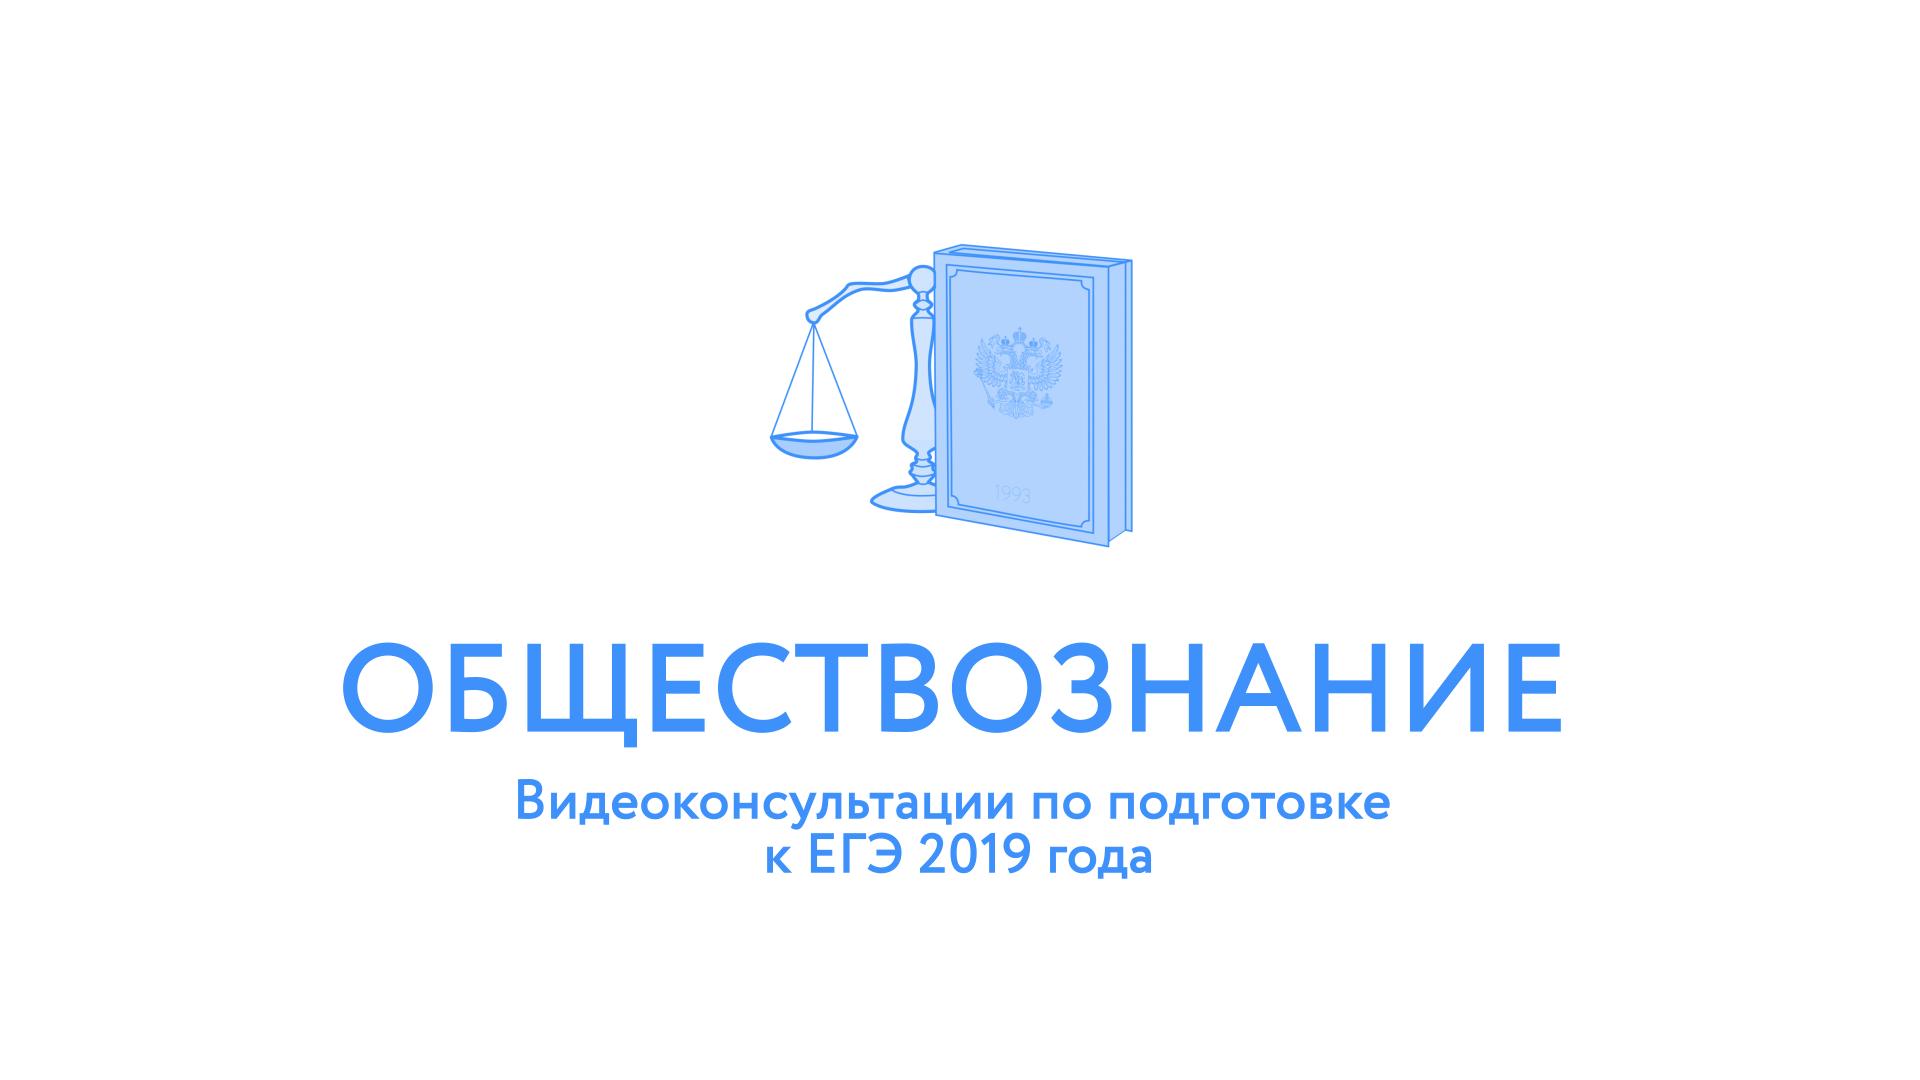 zastavka_obchestvo_1.png (135.96 Kb)